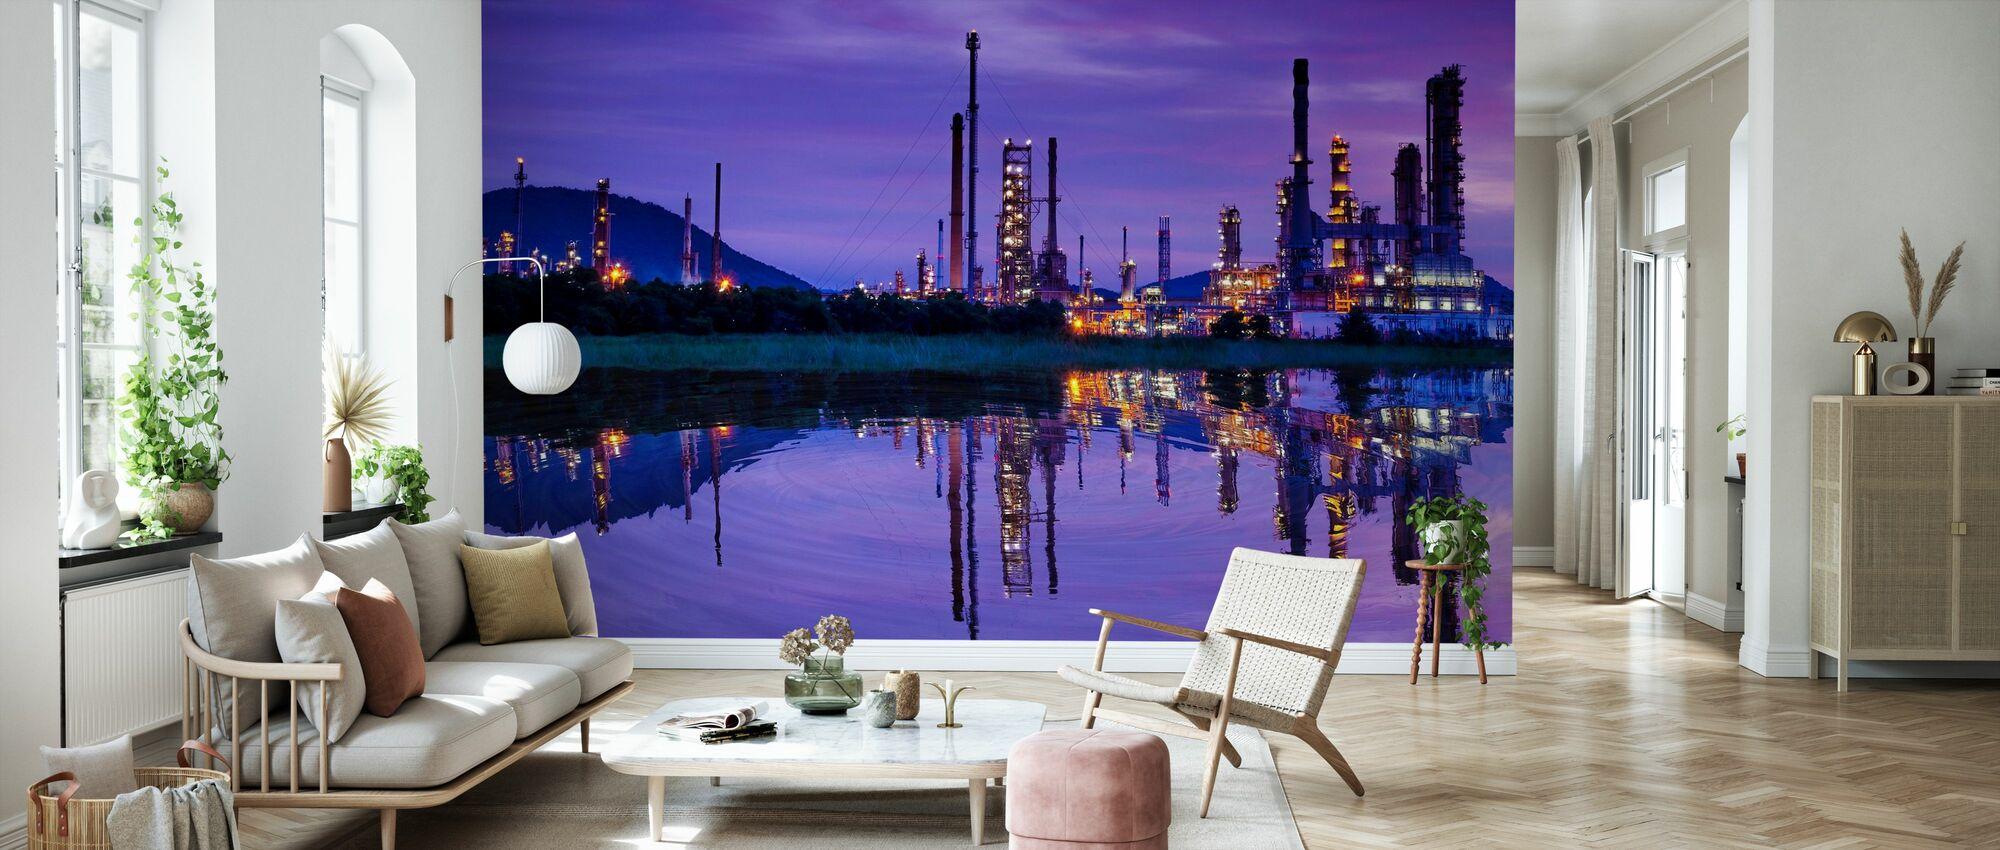 Petrochemische industrie - Behang - Woonkamer